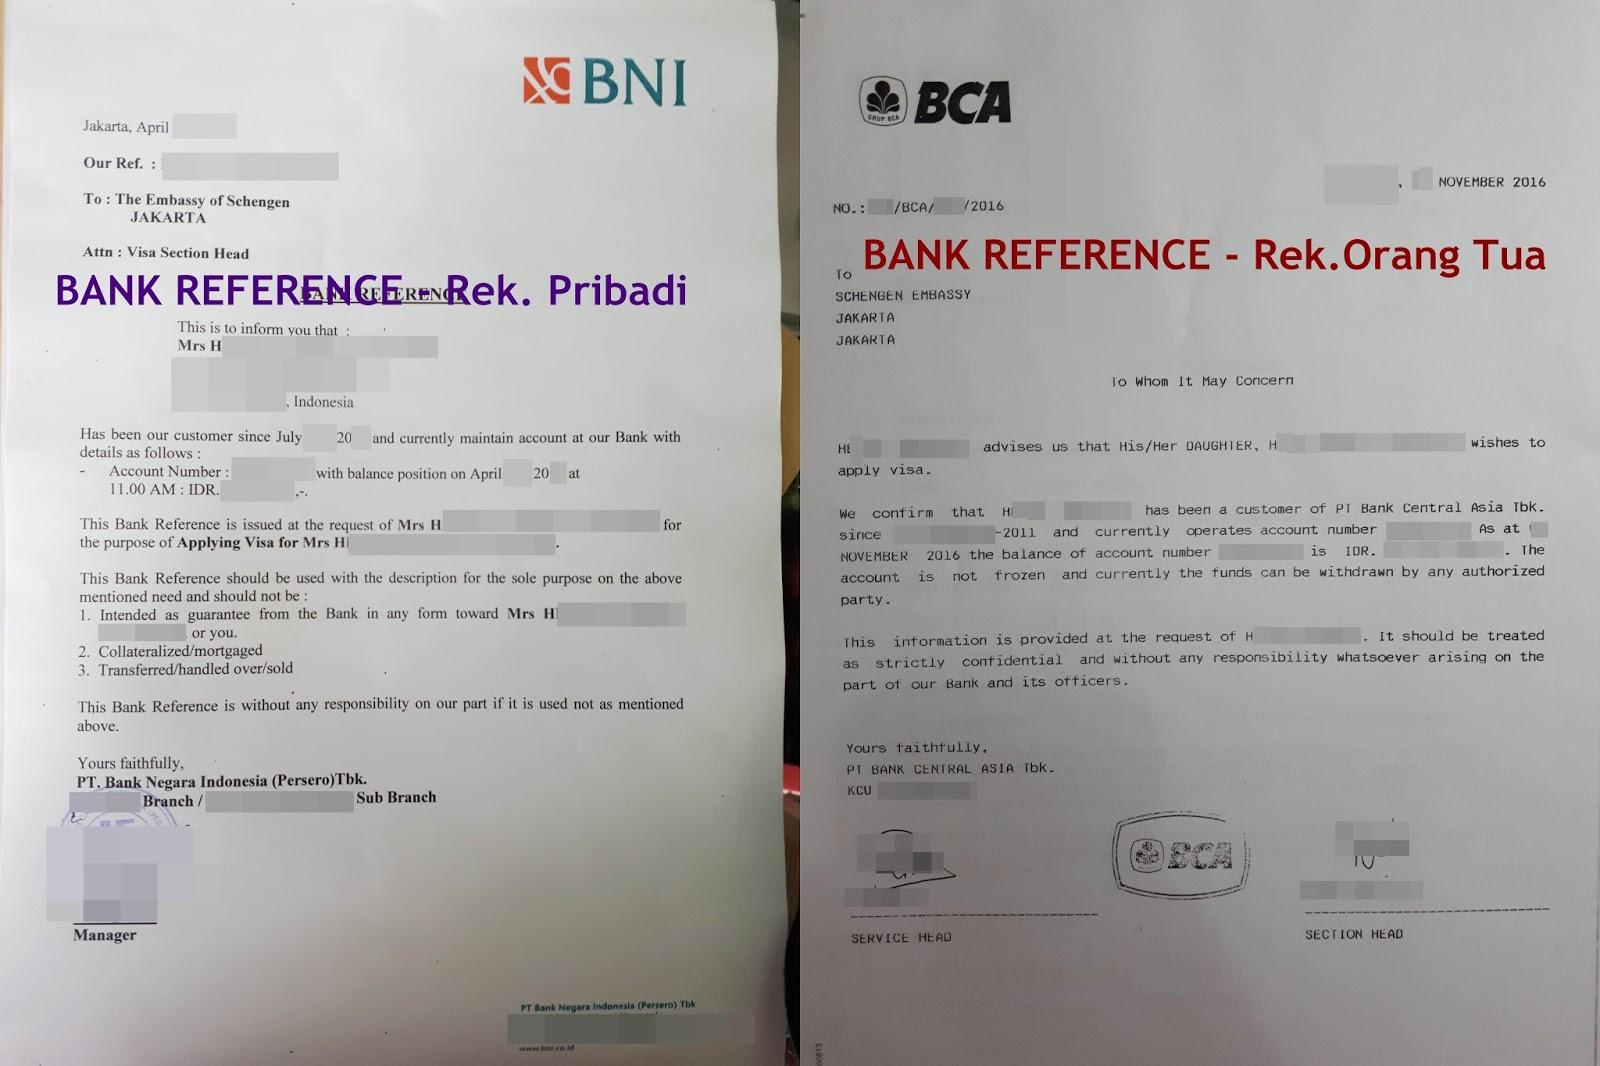 Surat Referensi Bank Bca Untuk Visa Schengen - Bagi Contoh ...